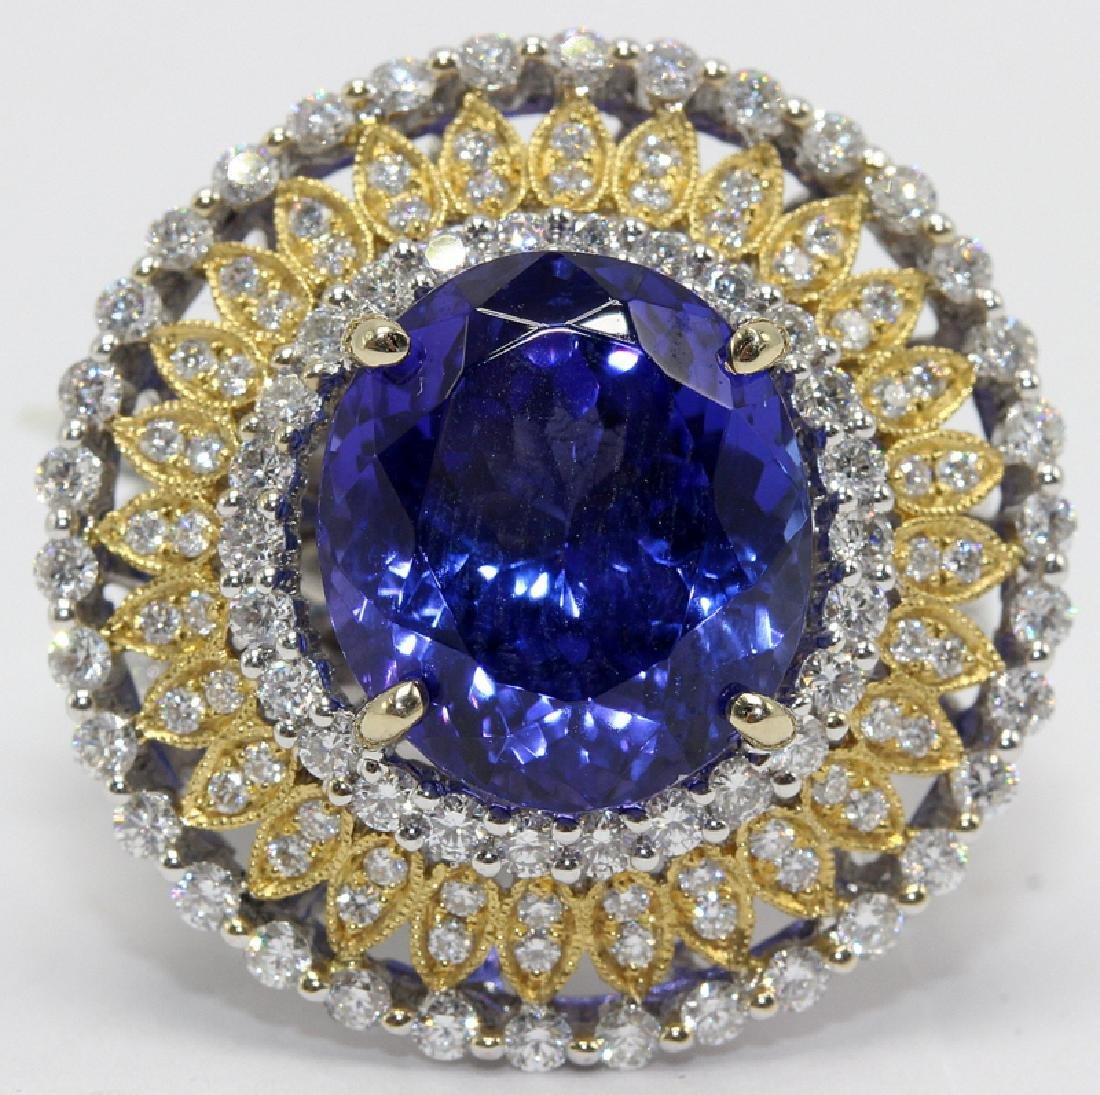 18Kt WG, 2.01ct. Diamond & 9.43ct. Tanzanite Ring